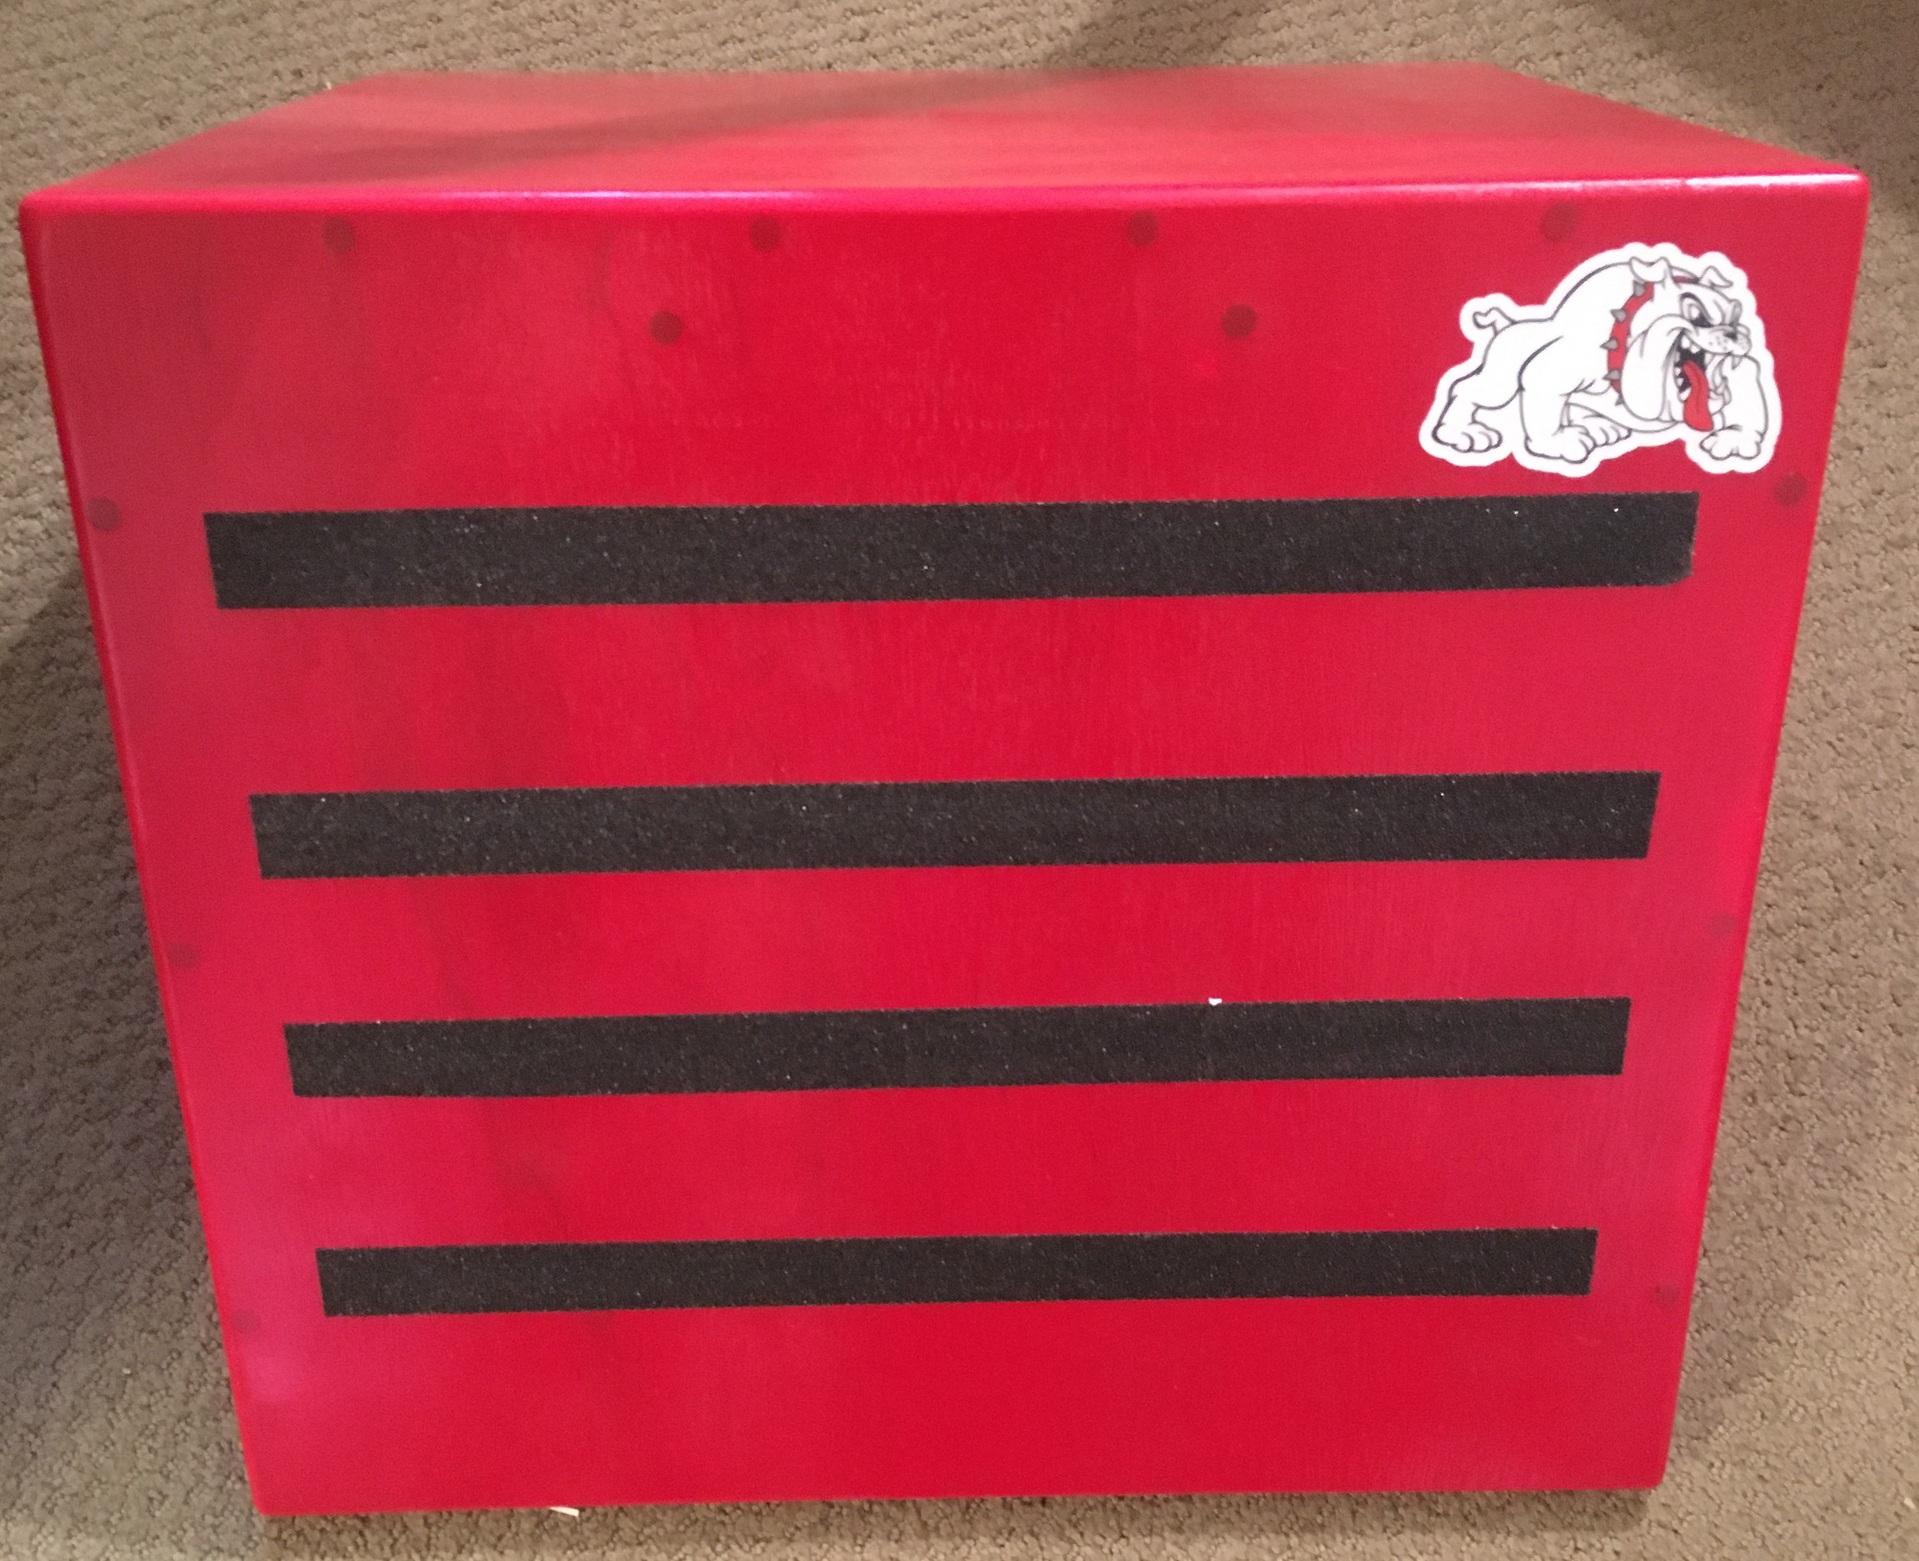 matt's photograph of their White Bulldog Mascot Sticker